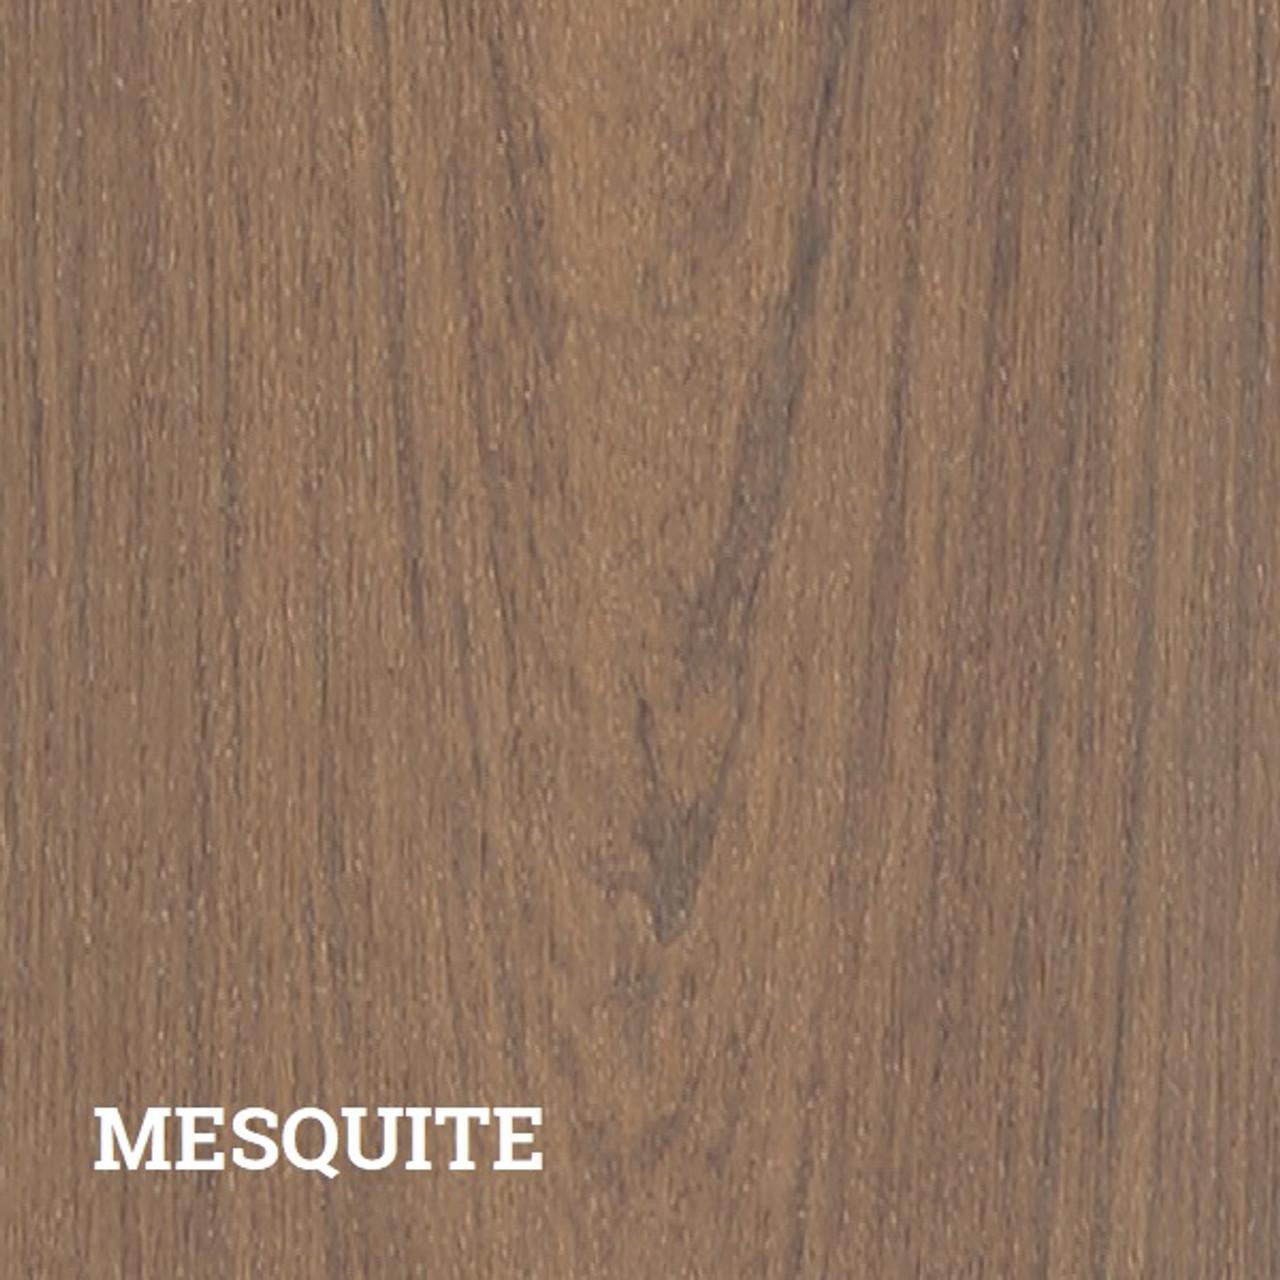 DecKorators Vault Decking in Mesquite